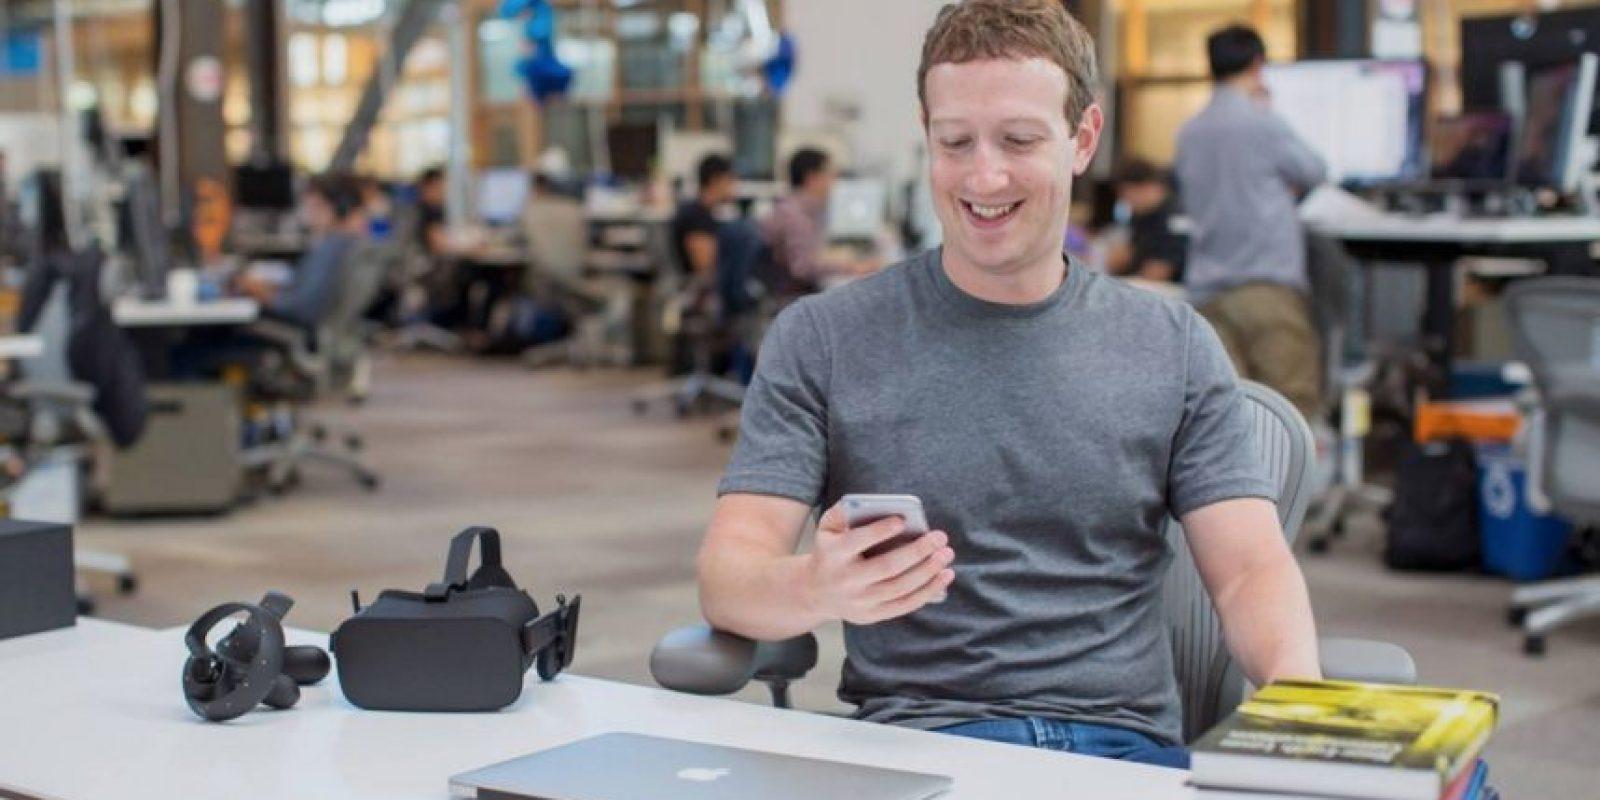 Mark Zuckerberg regresó al trabajo tras su permiso de paternidad. Foto:Vía facebook.com/zuck